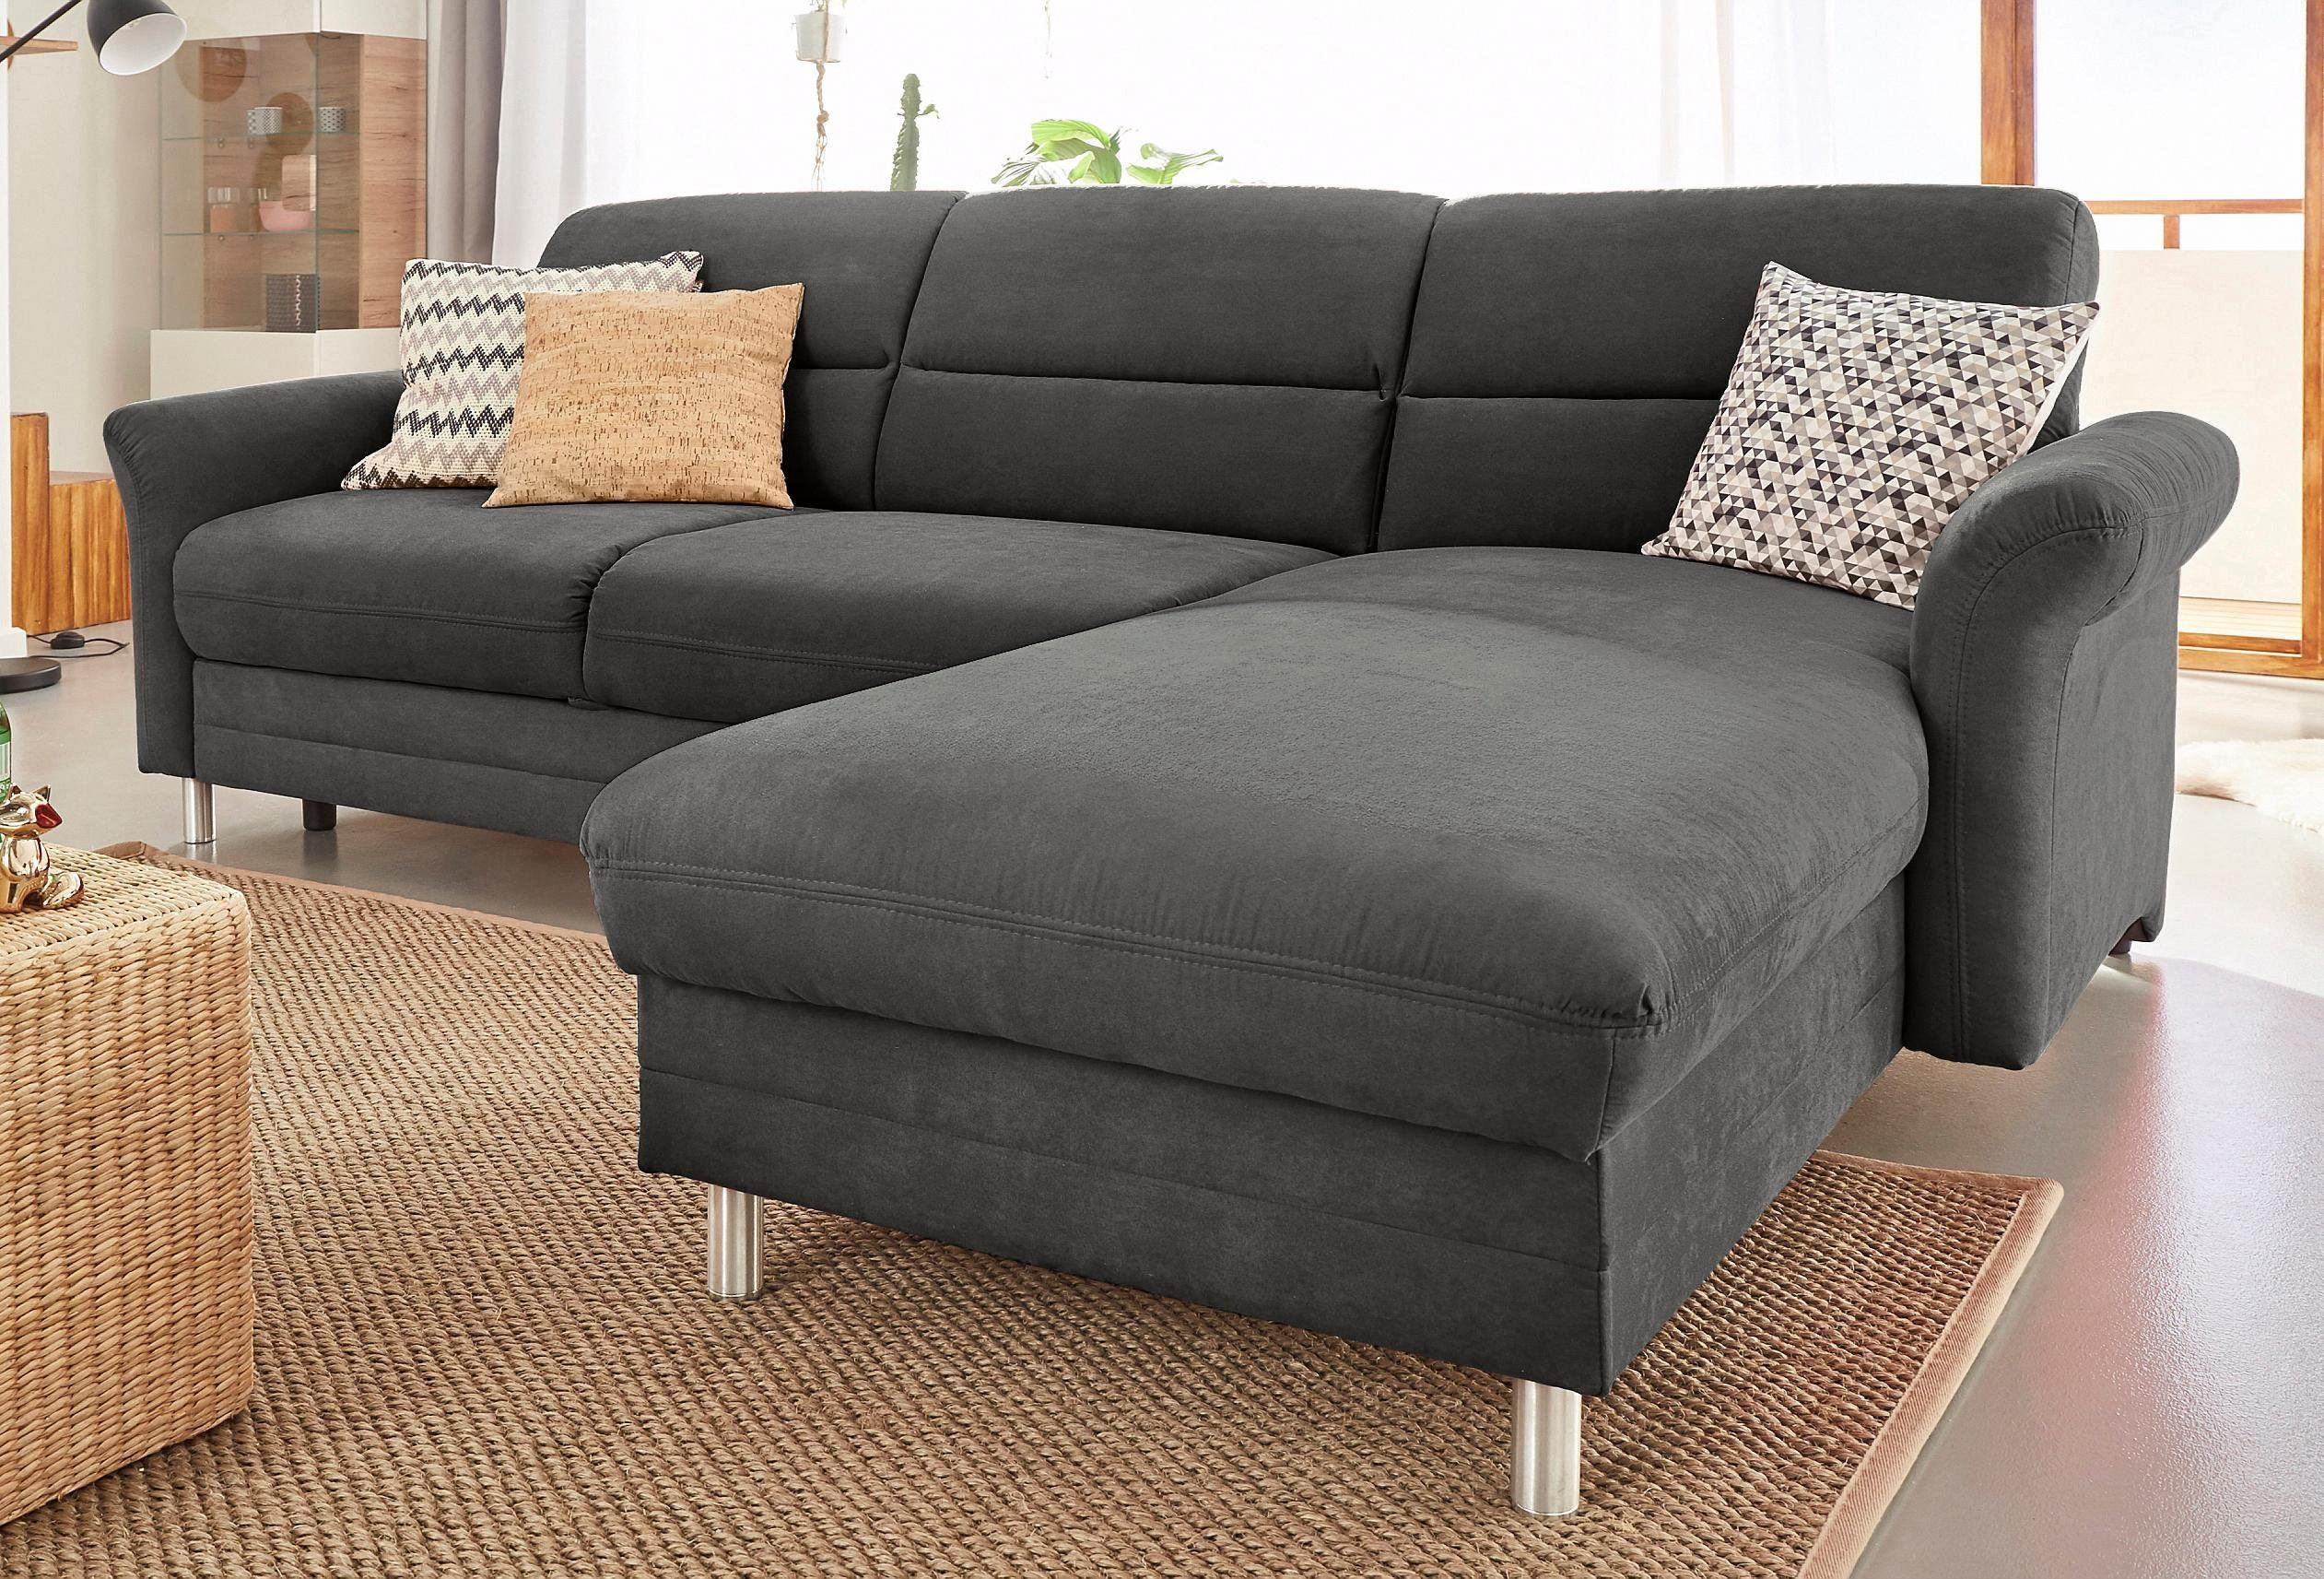 Big Sofa Weich Simple Mbel Xxl Berlin Big Sofas Couches M C A C